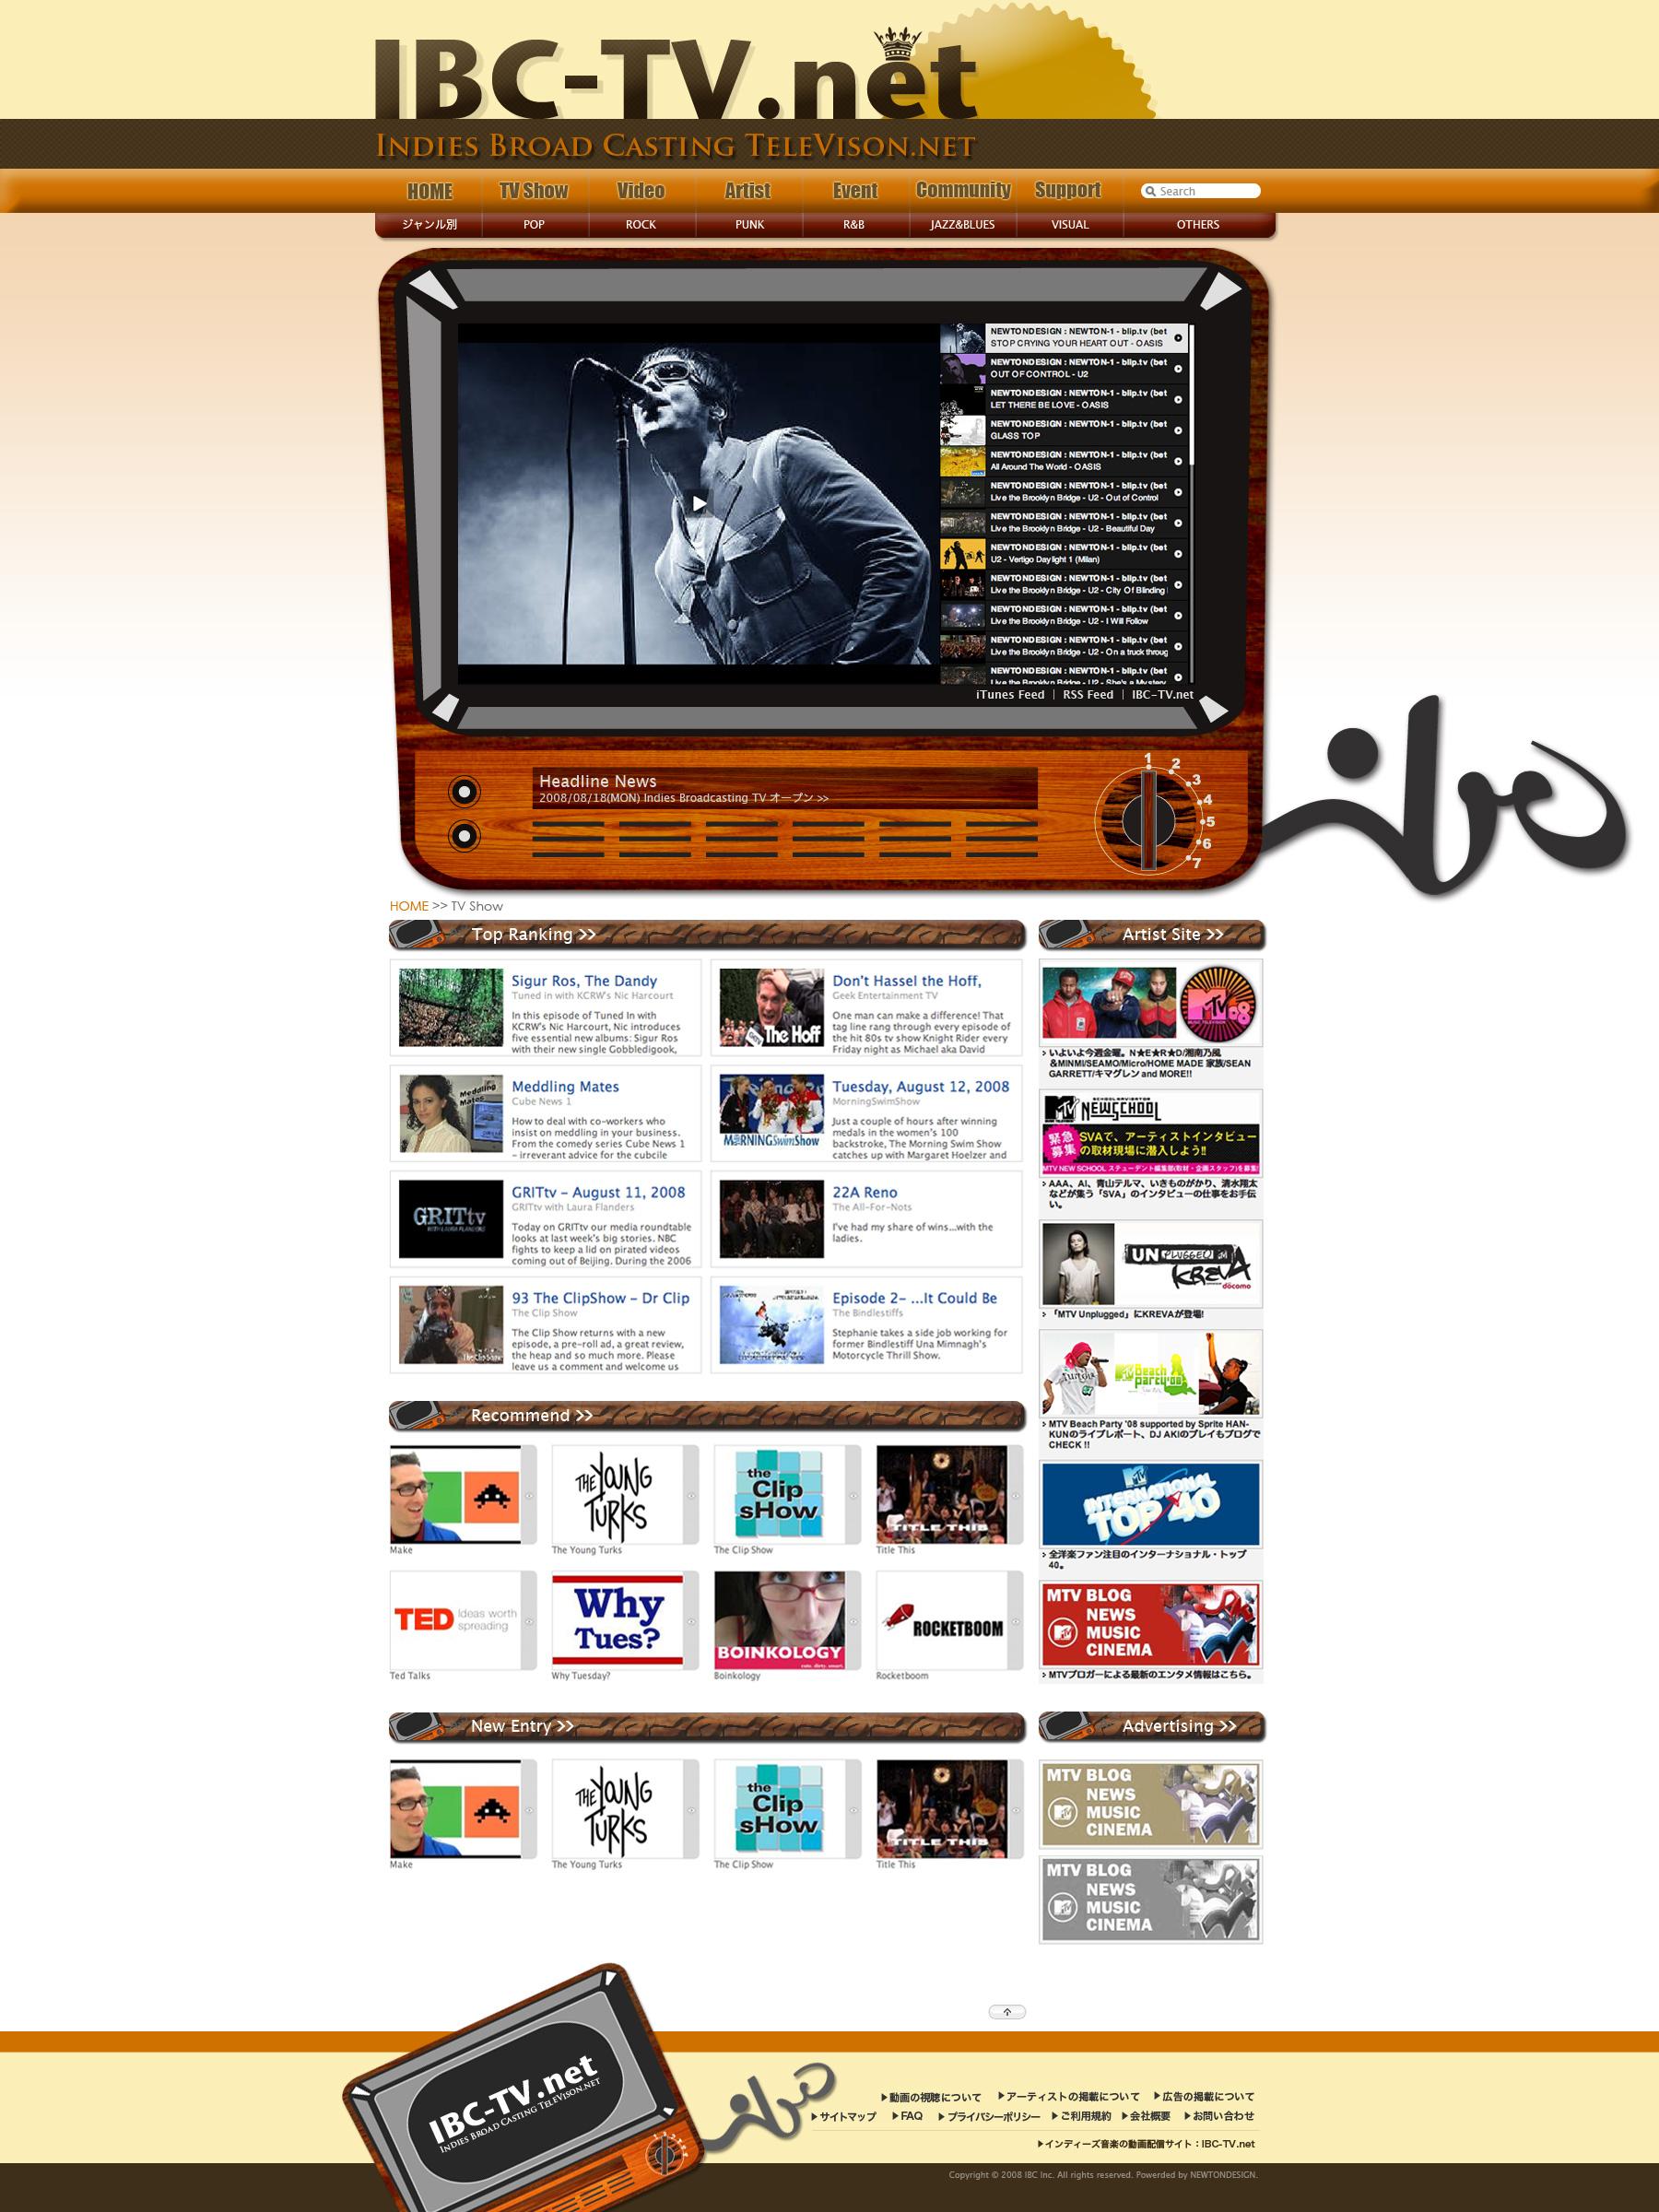 IBC-TV.net